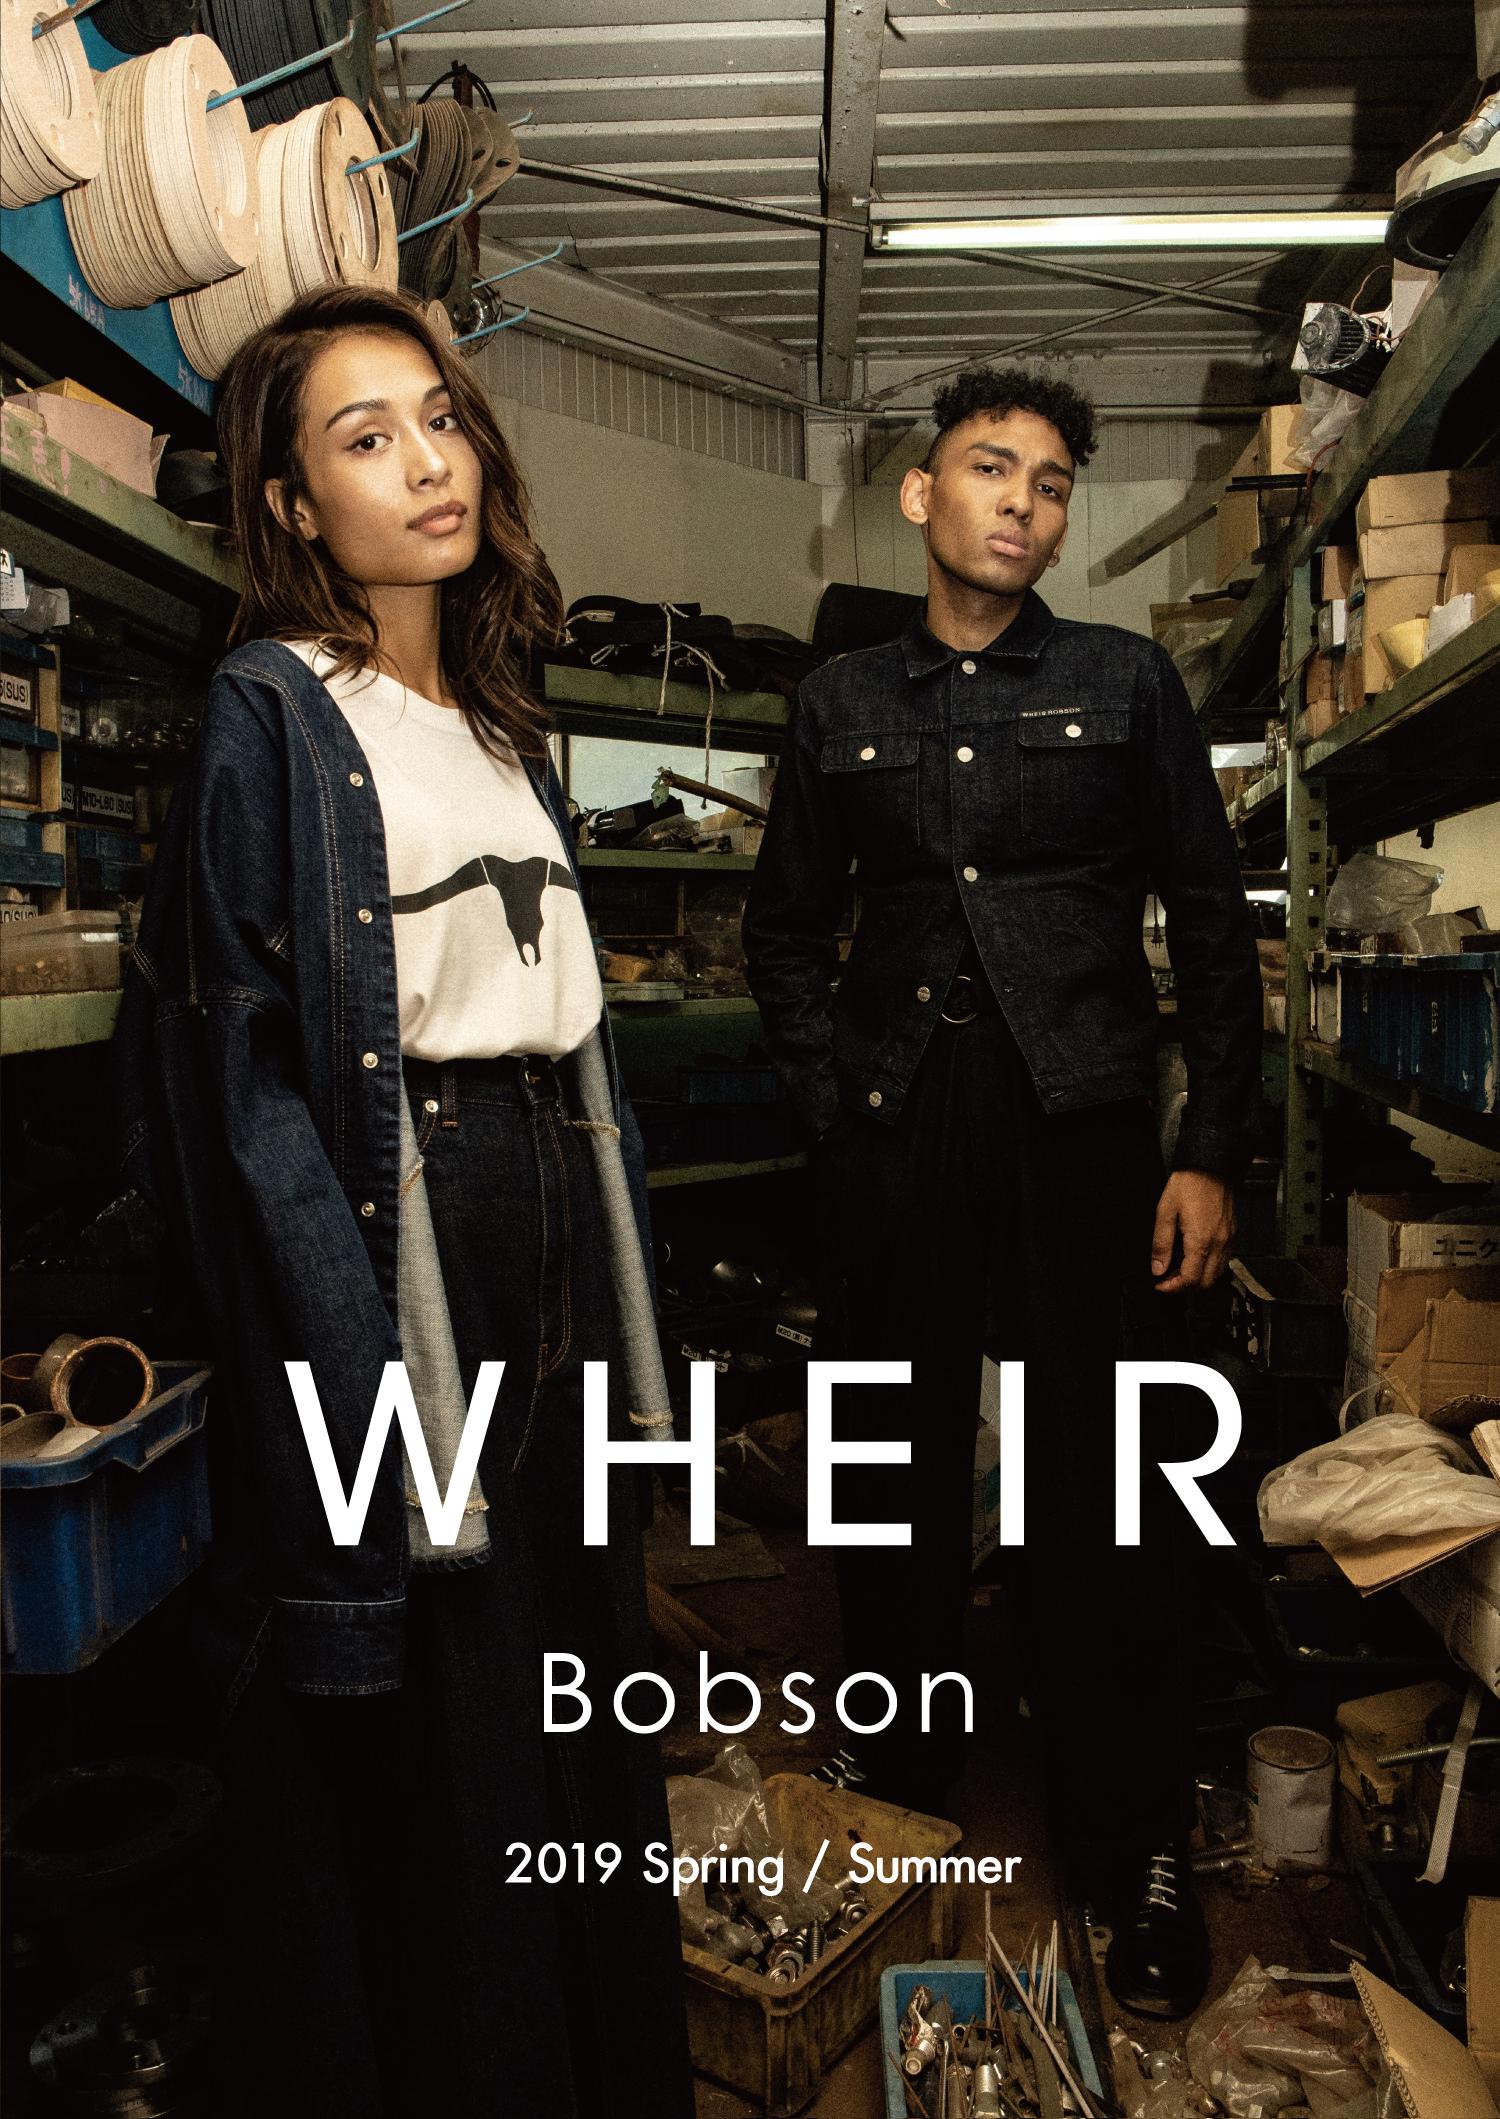 WHEIR Bobson 2019 S/S